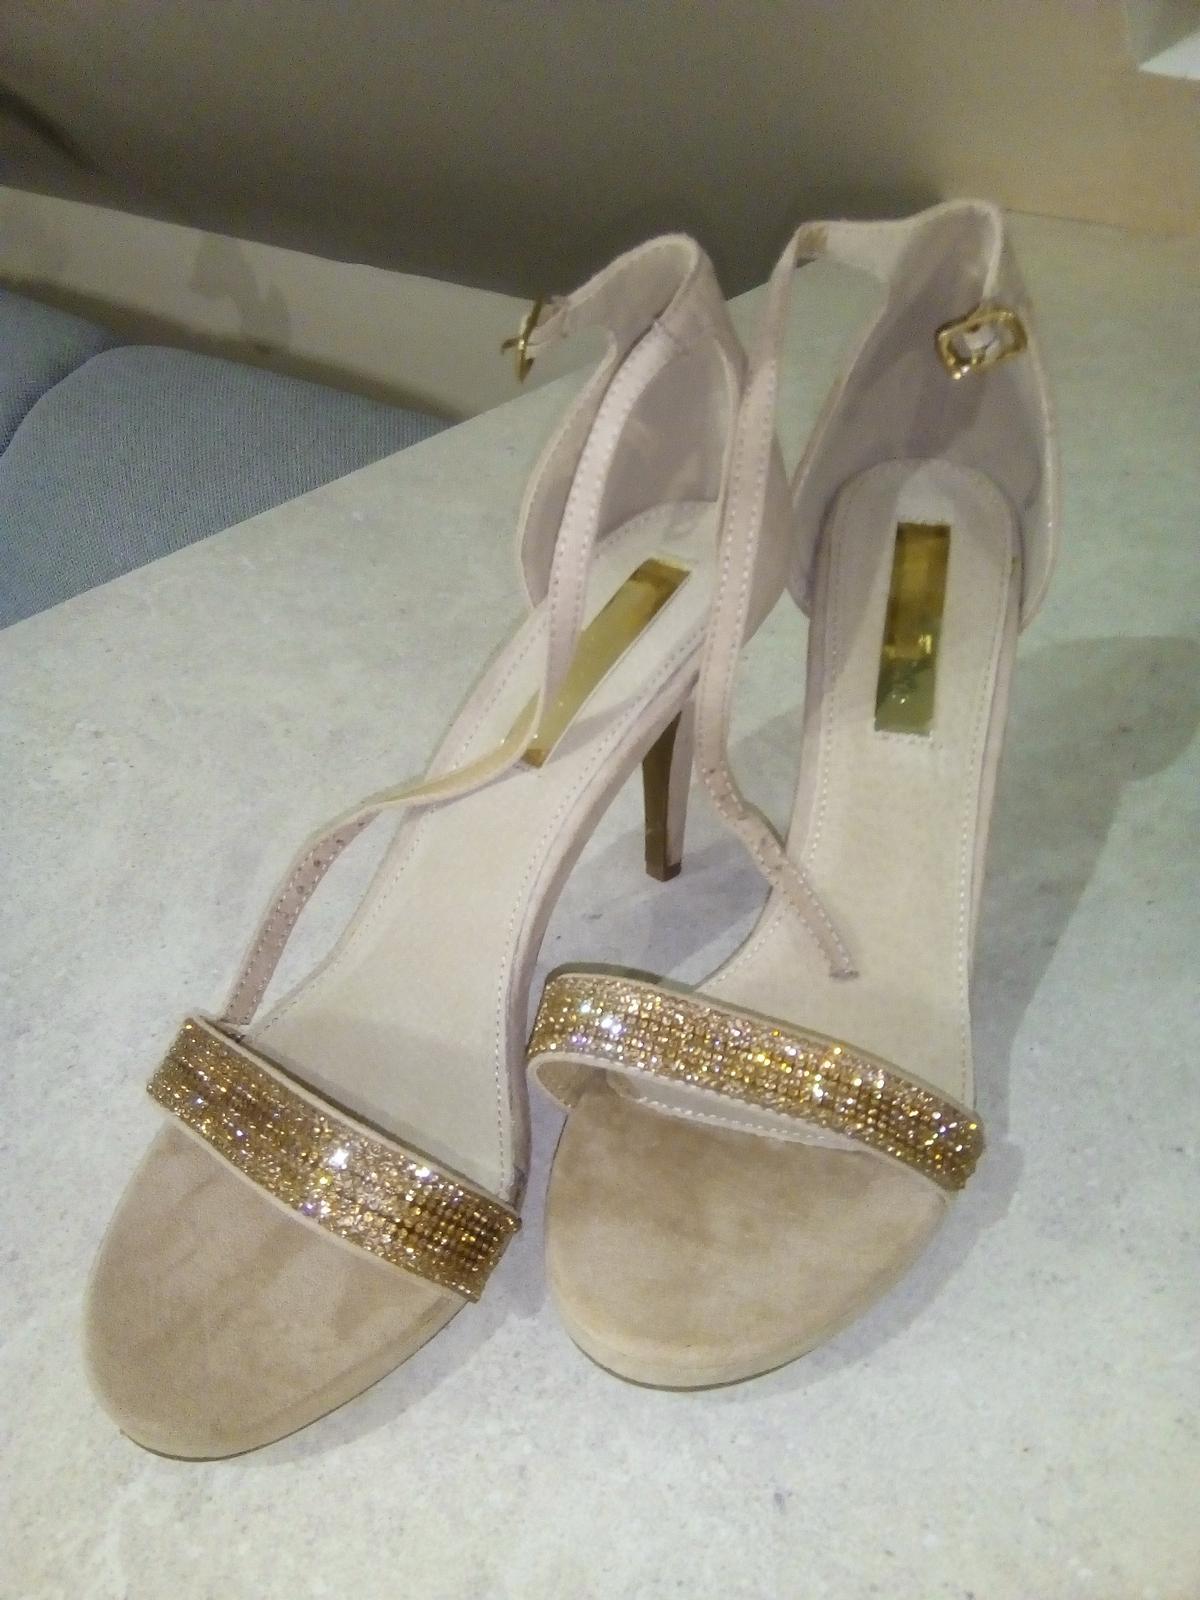 Sandale - Obrázok č. 3